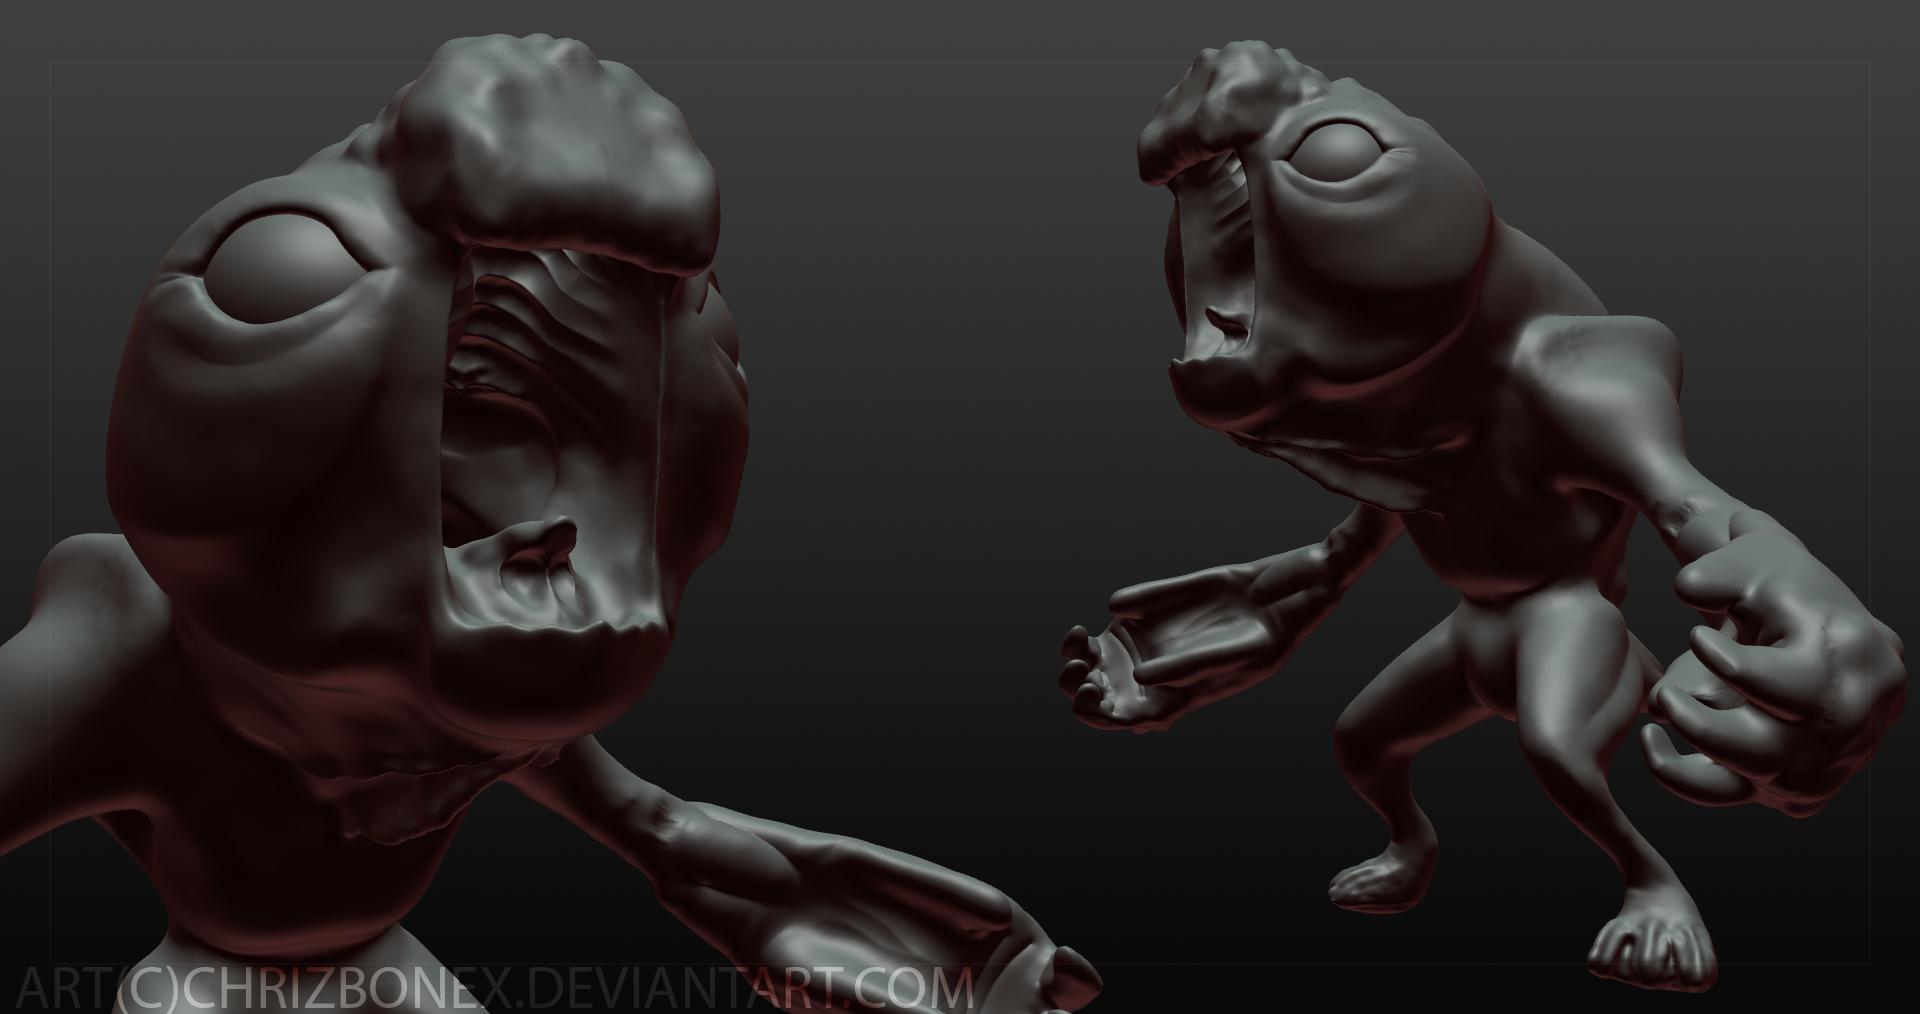 Monster Render (work in progress) by CptBonex on DeviantArt